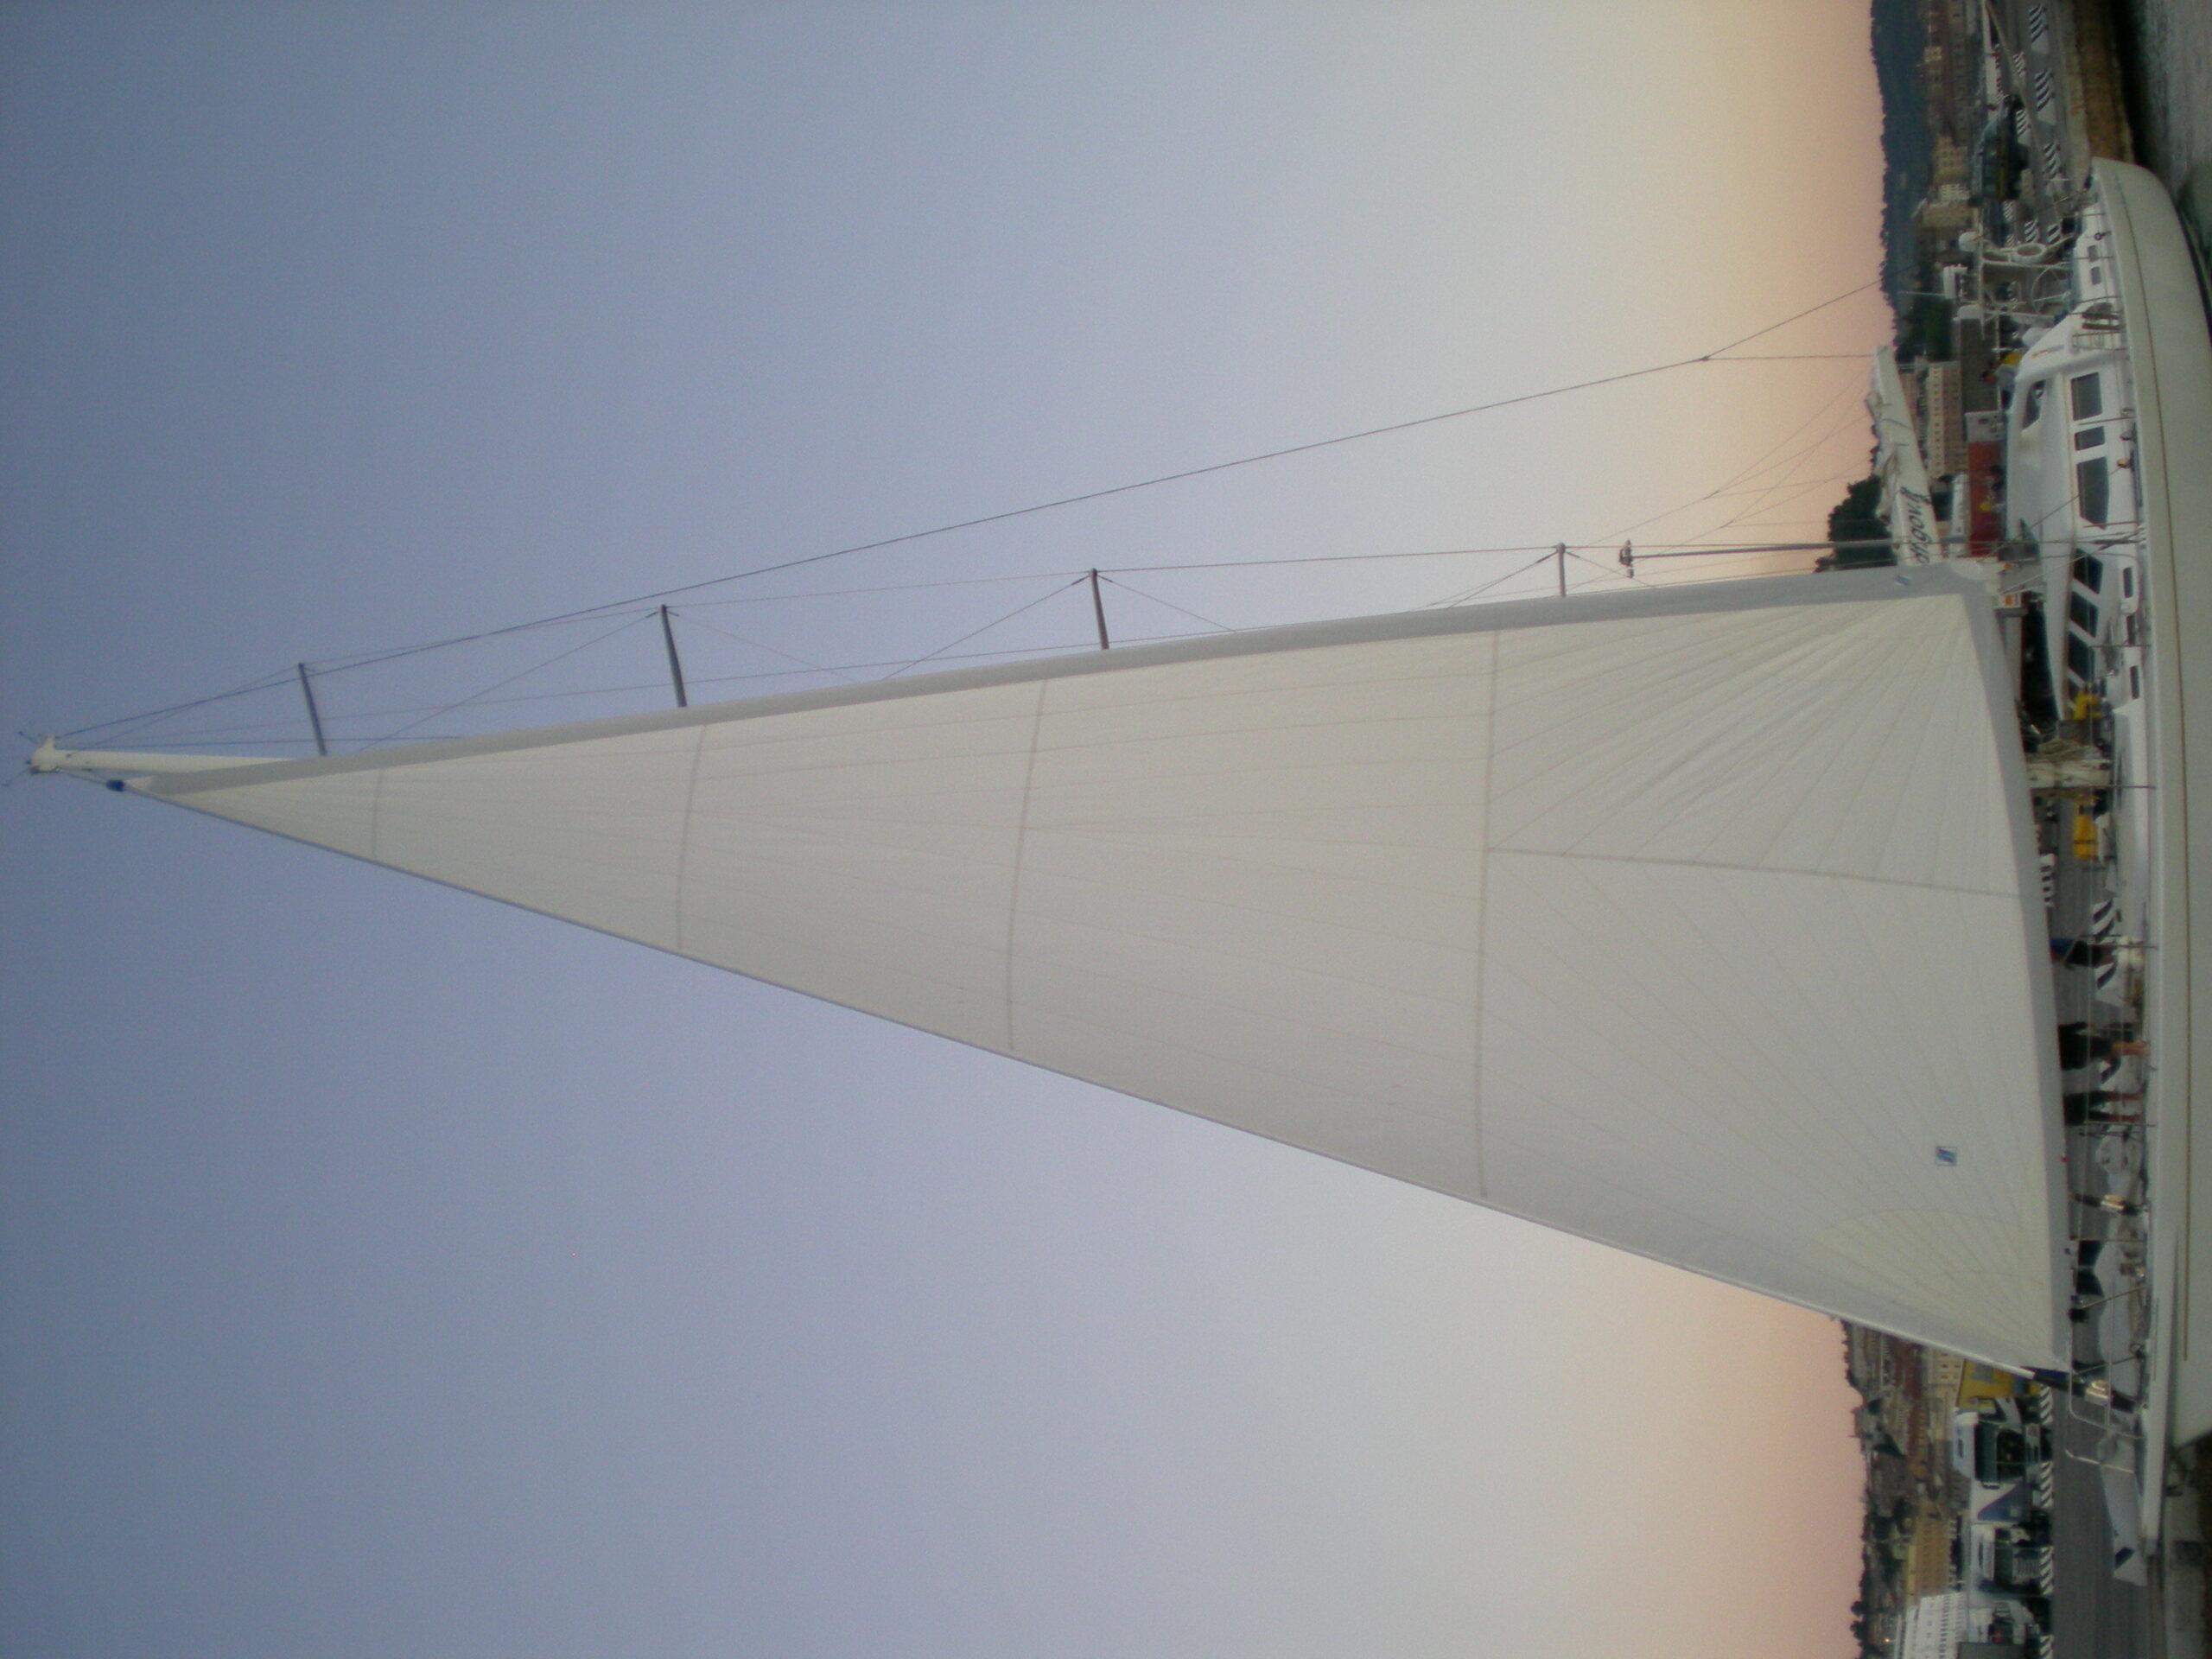 DSCN5193